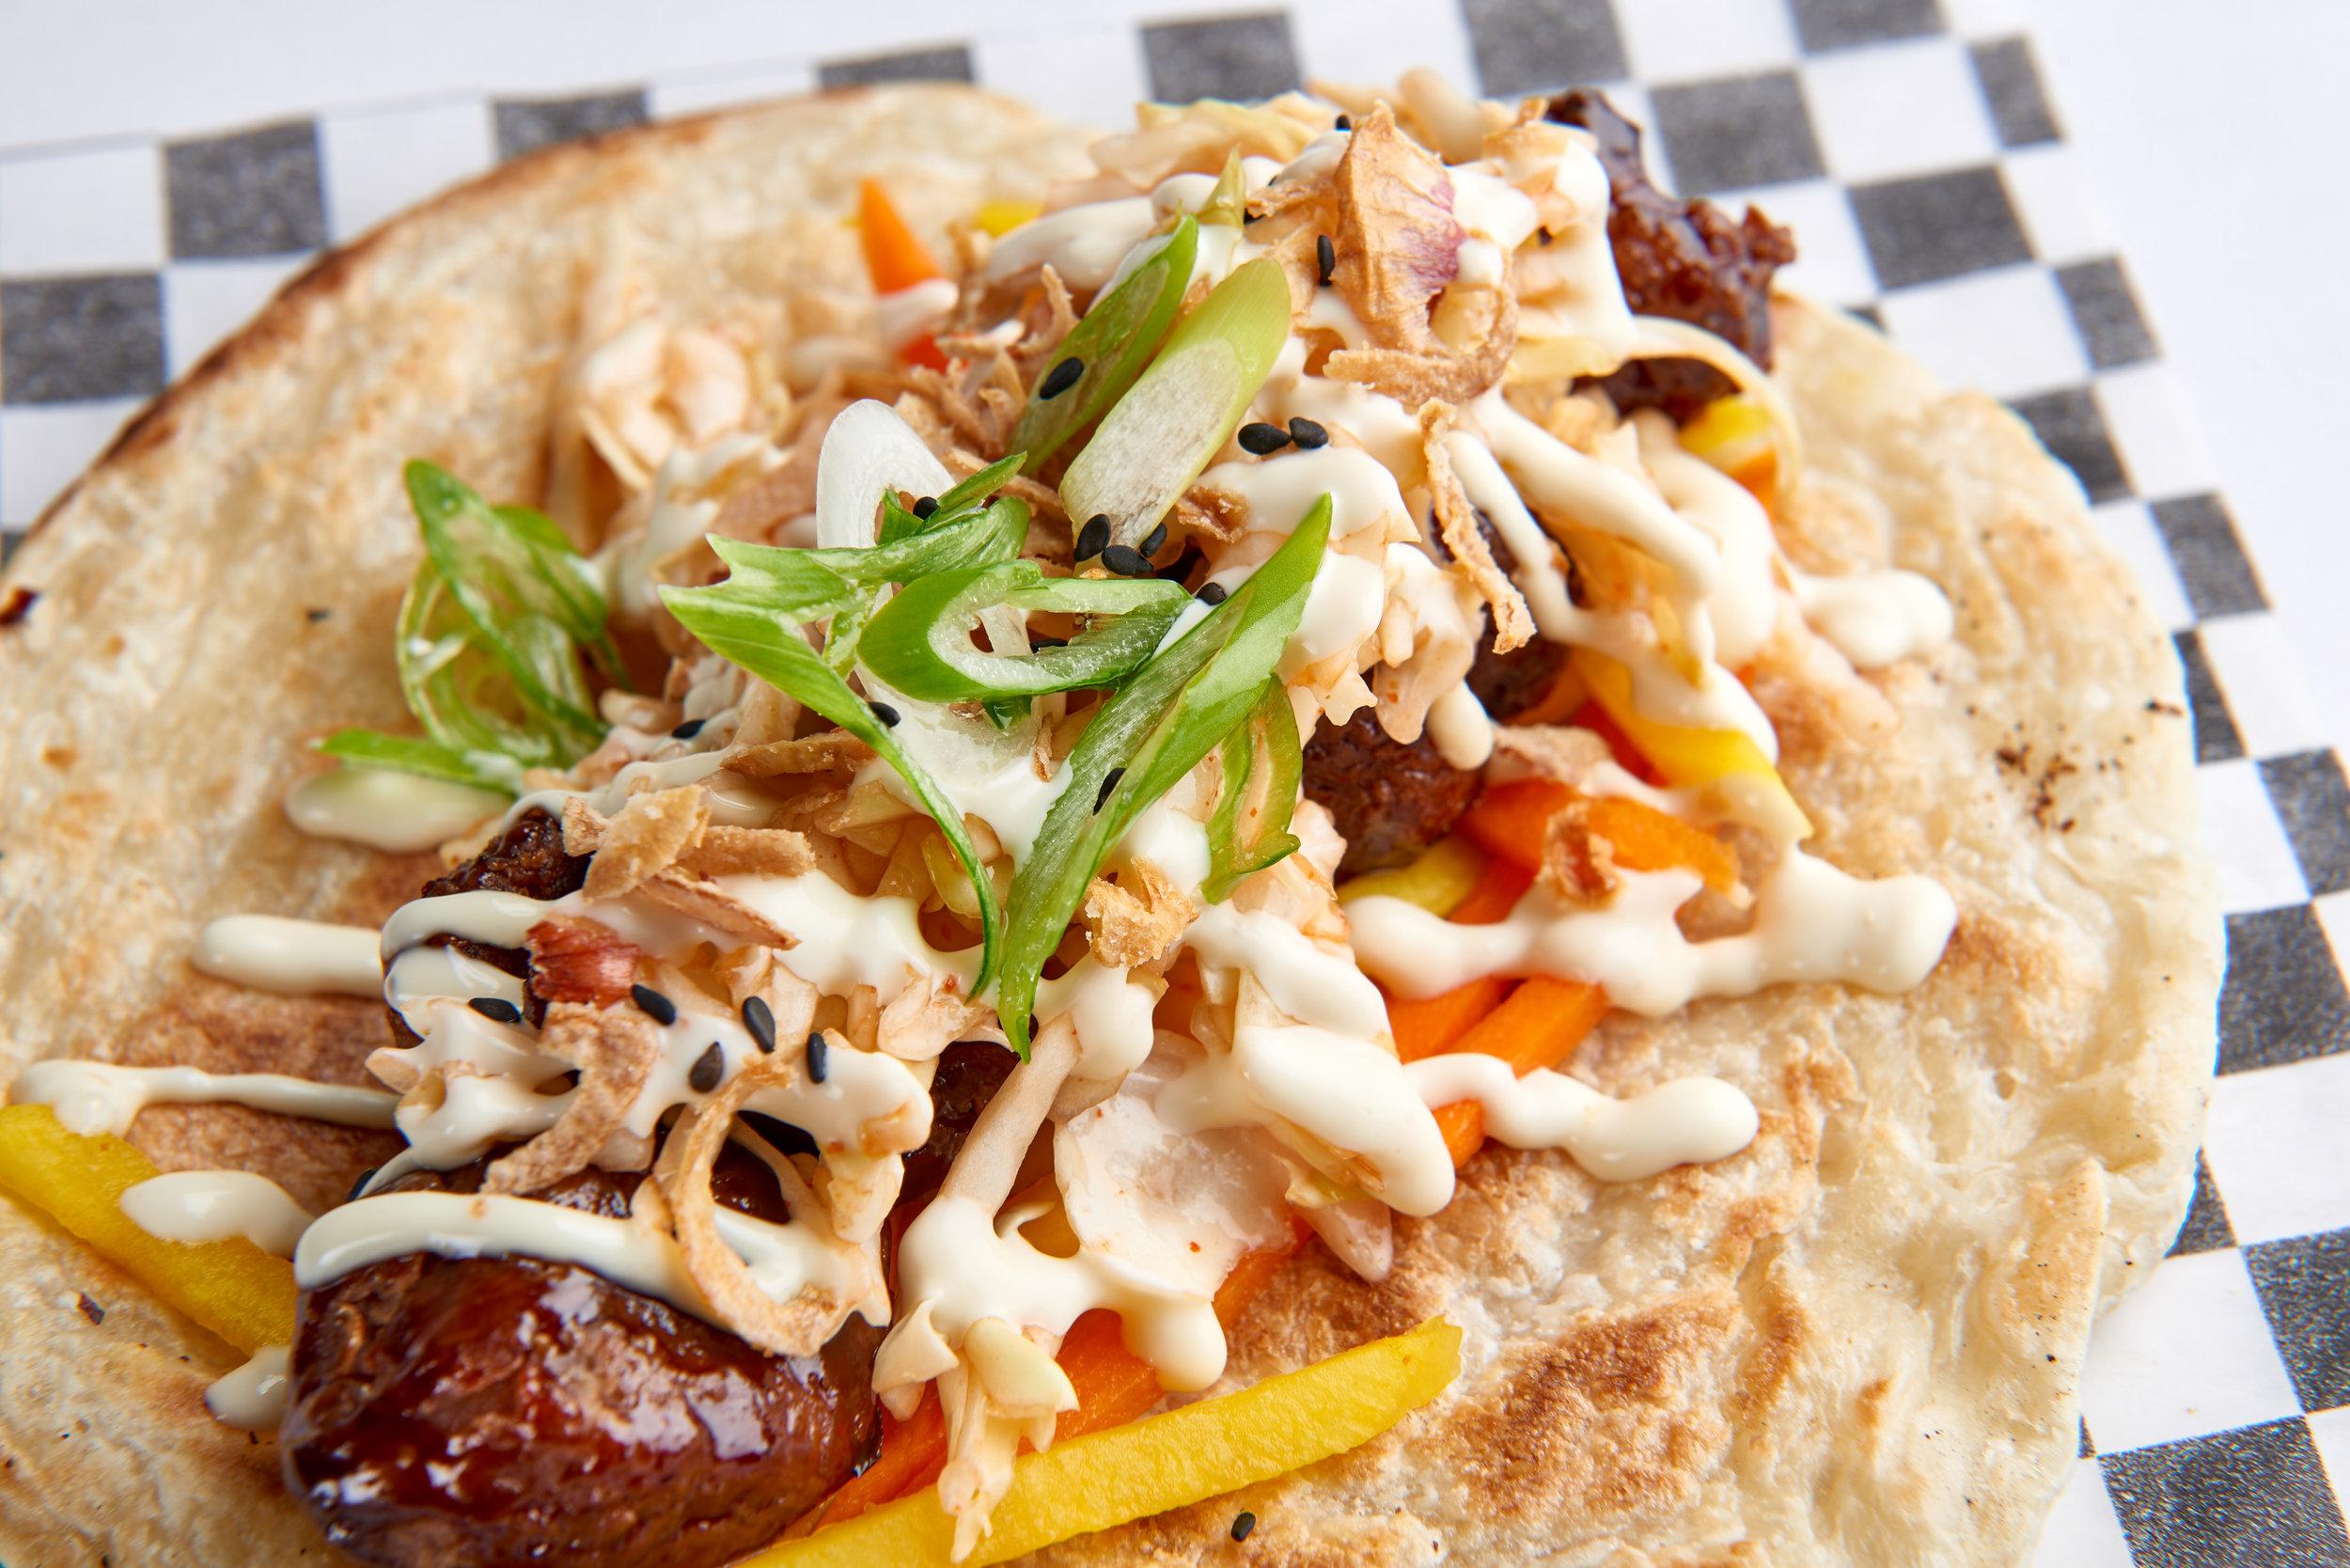 Menu_Food_Truck_041.jpg